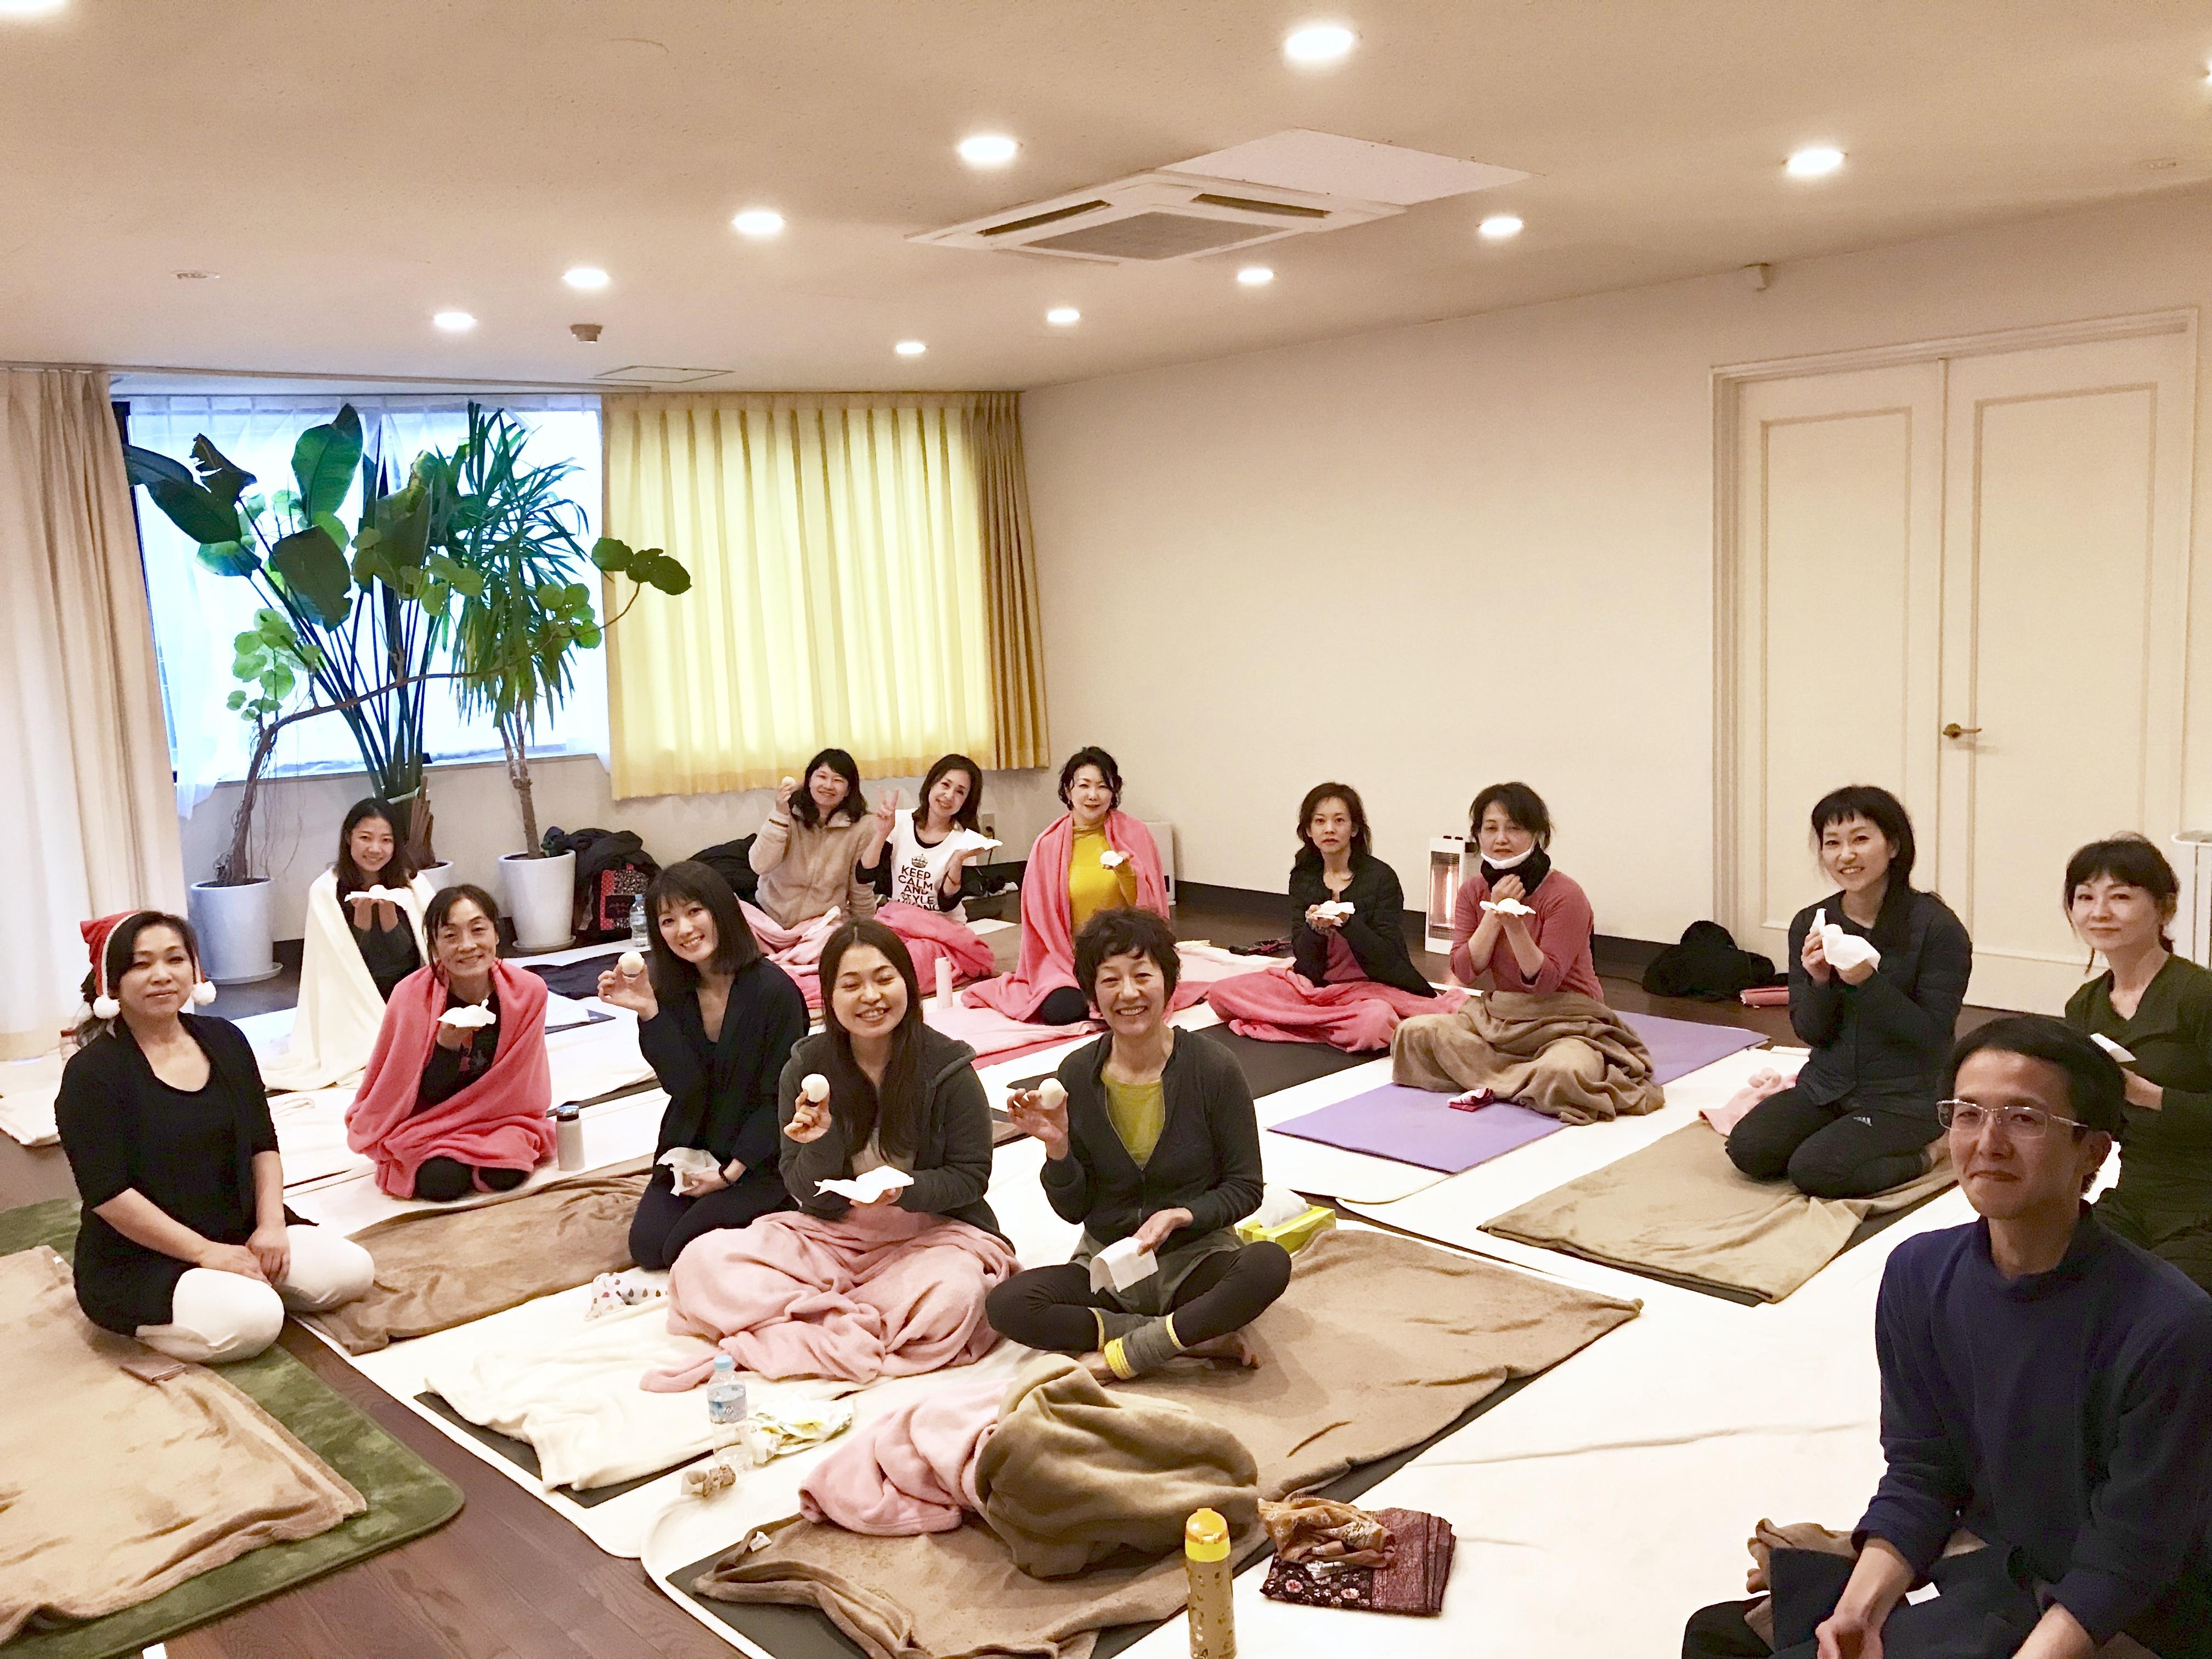 12月のプチクリスマス会 2017年 京都ヨガ・IYC京都